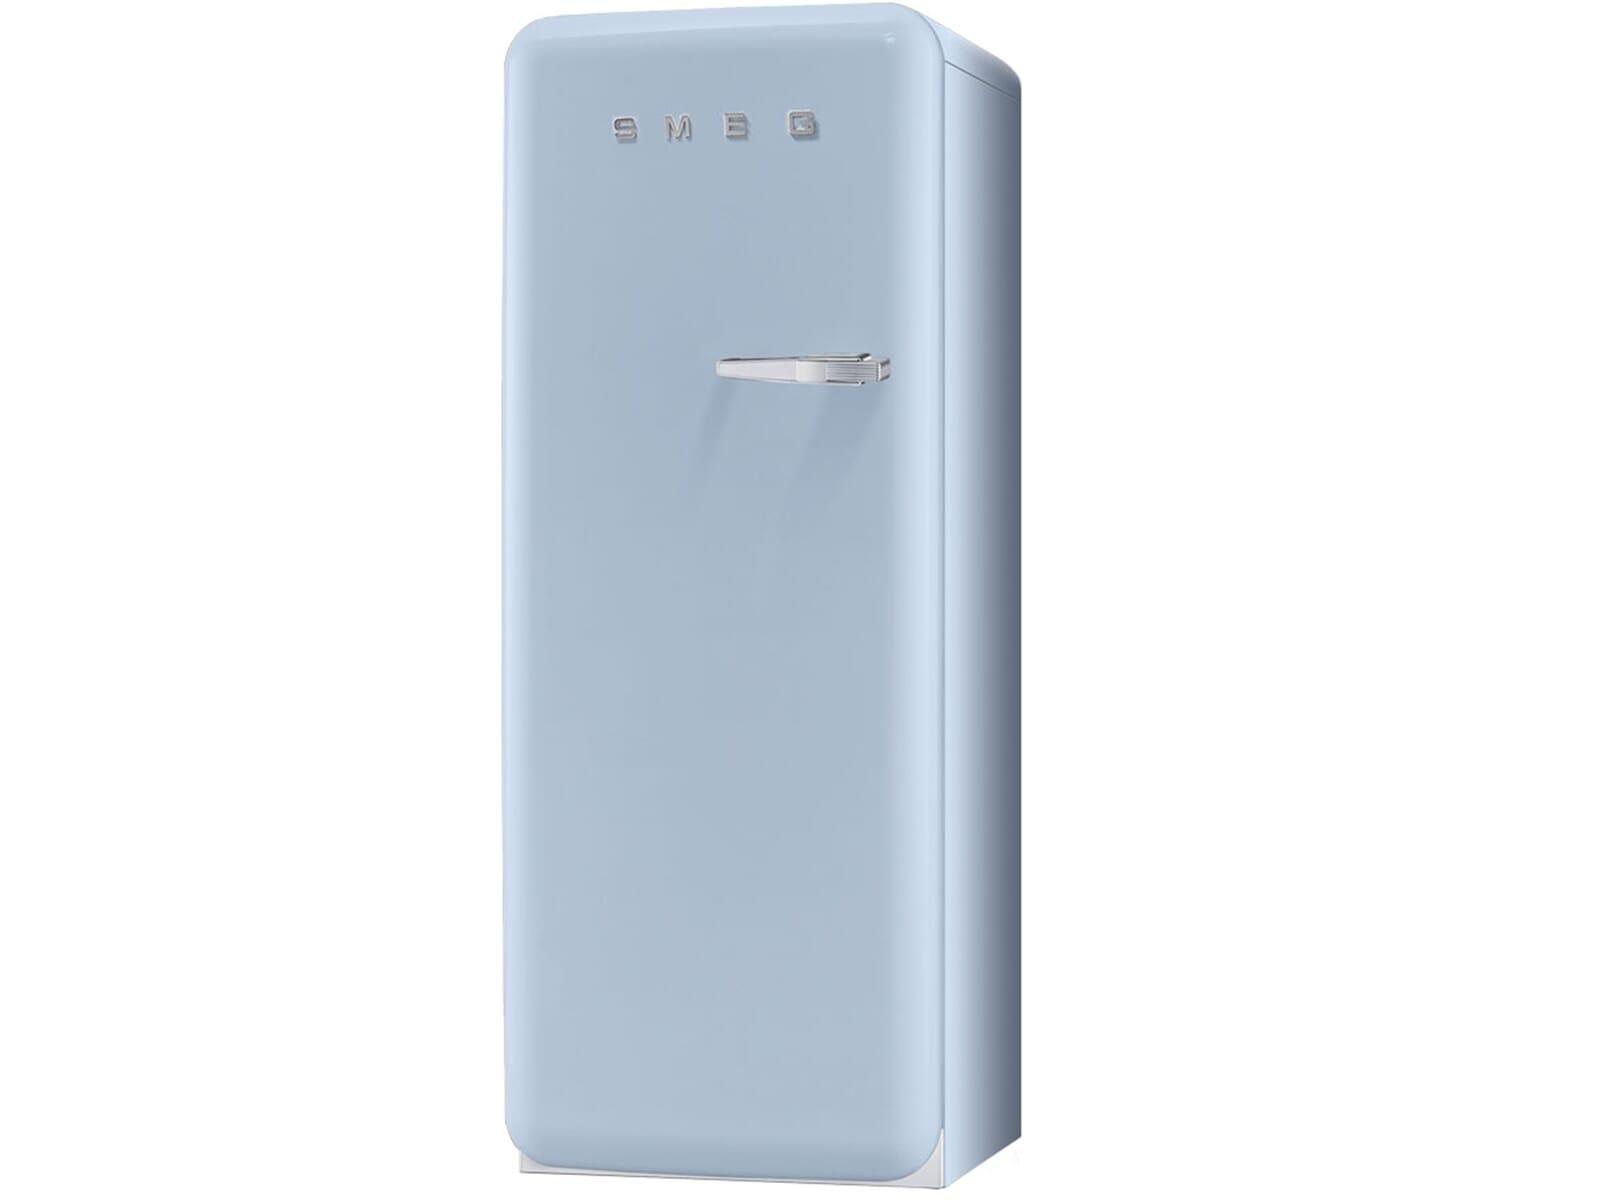 Smeg Kühlschrank Laut : Smeg fab laz standkühlschrank pastellblau